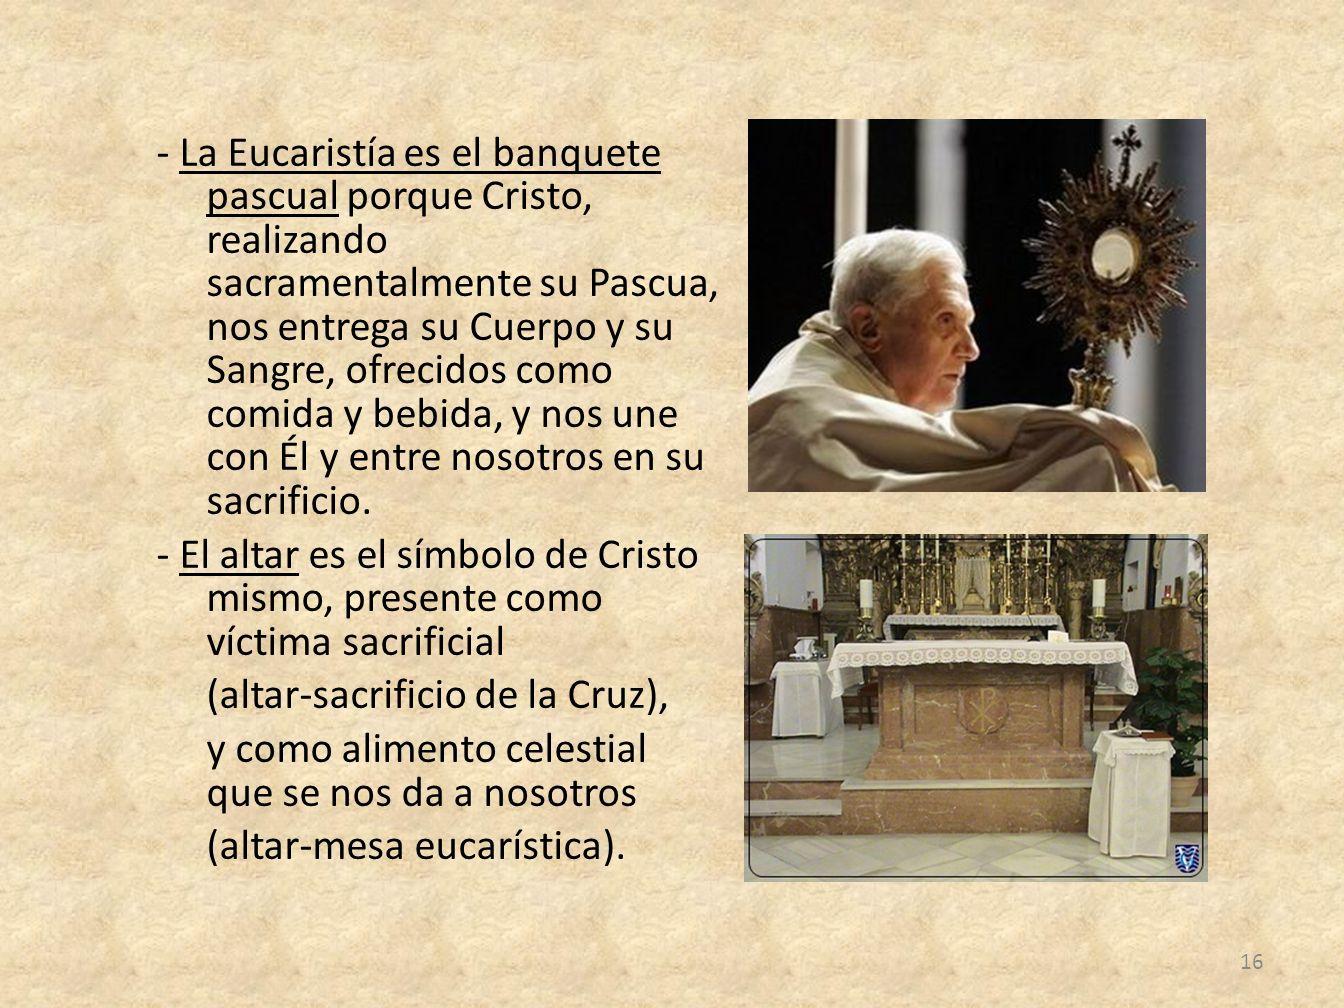 - La Eucaristía es el banquete pascual porque Cristo, realizando sacramentalmente su Pascua, nos entrega su Cuerpo y su Sangre, ofrecidos como comida